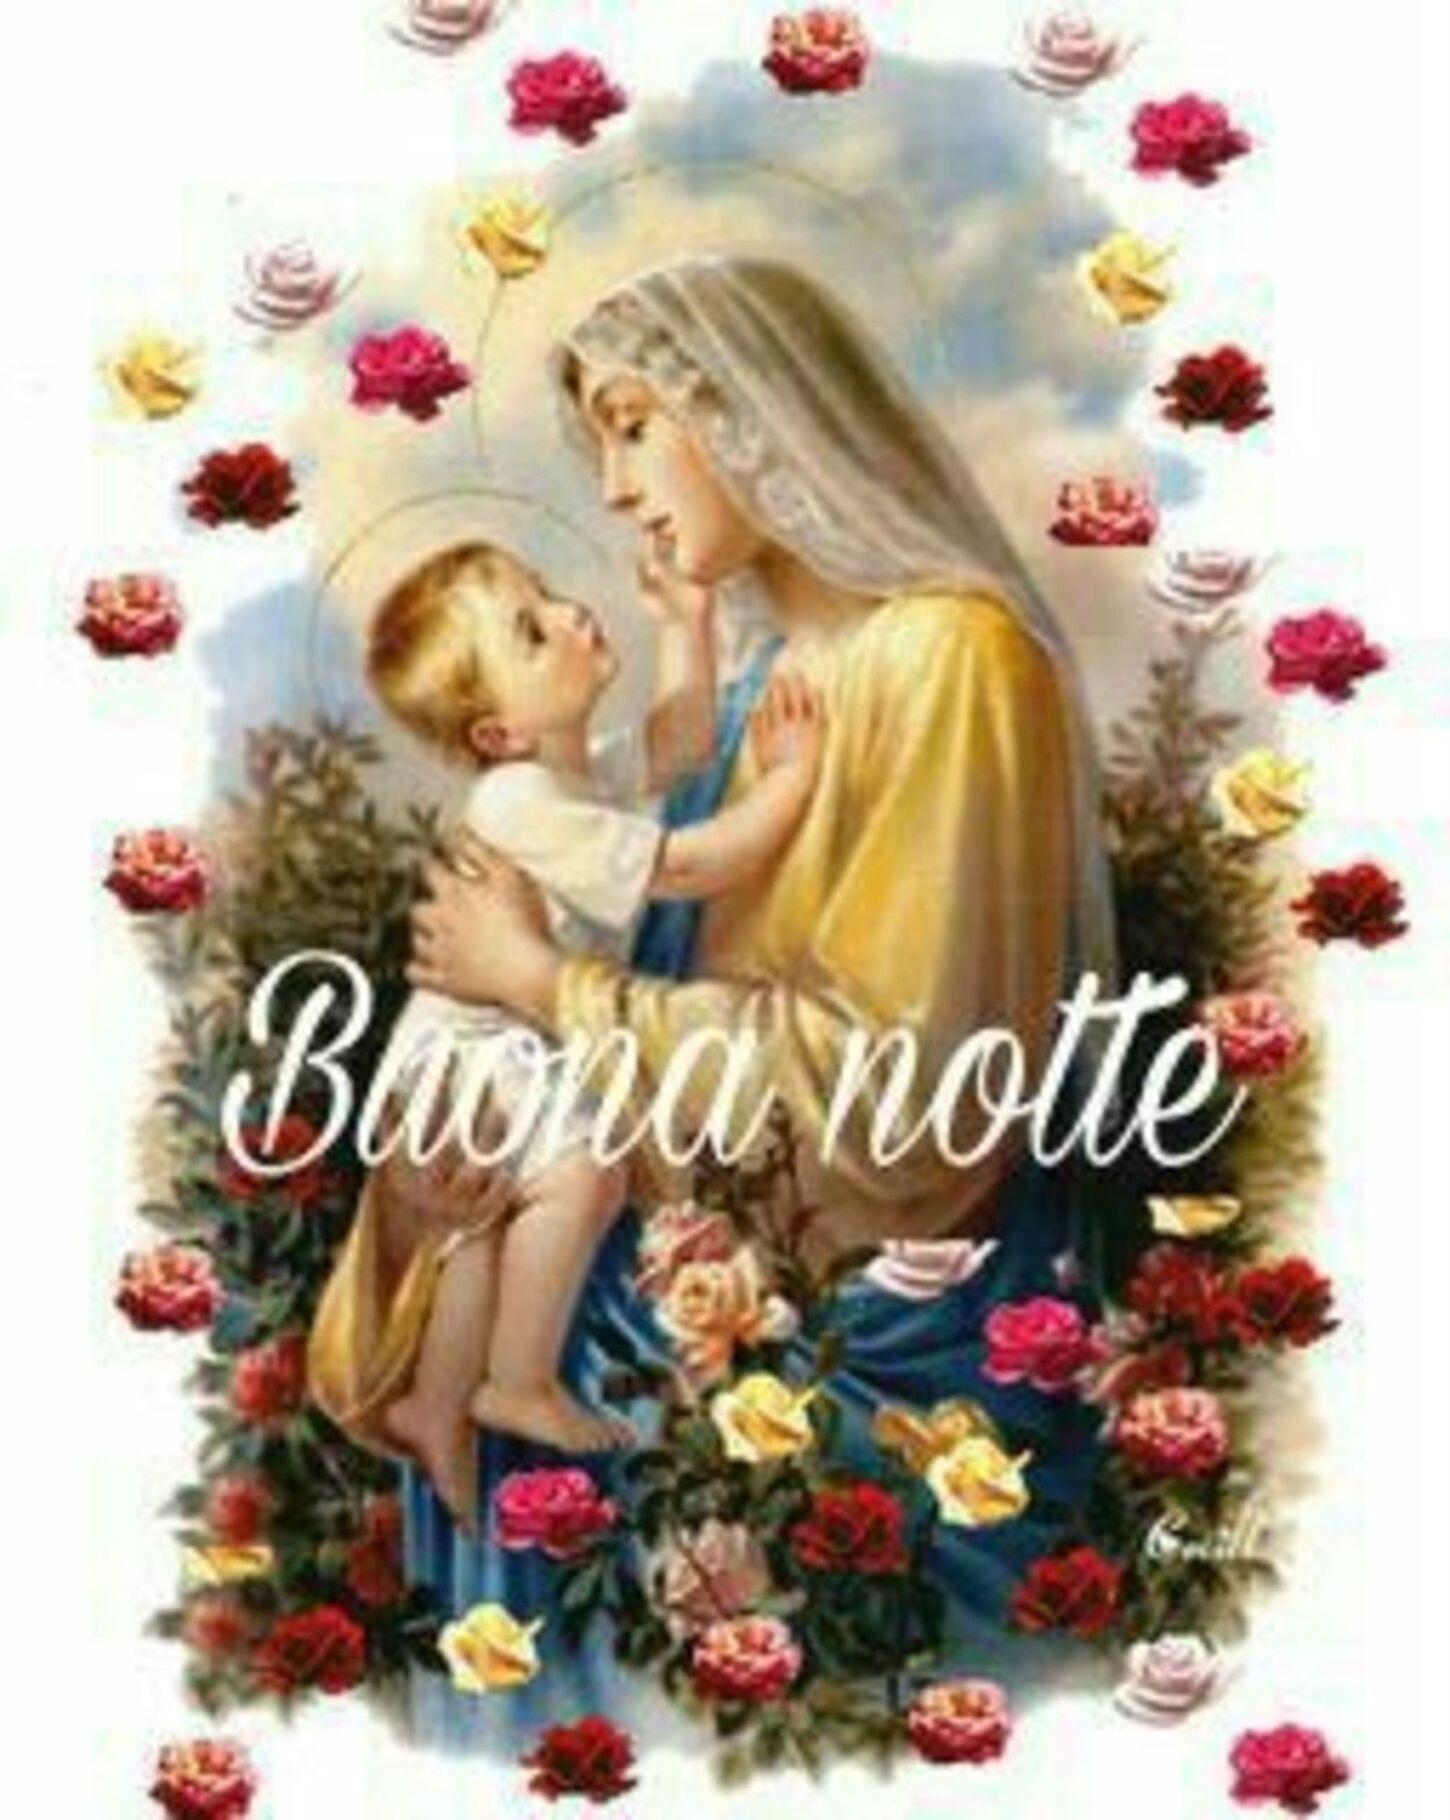 Buonanotte Madonnina - immagini religiose